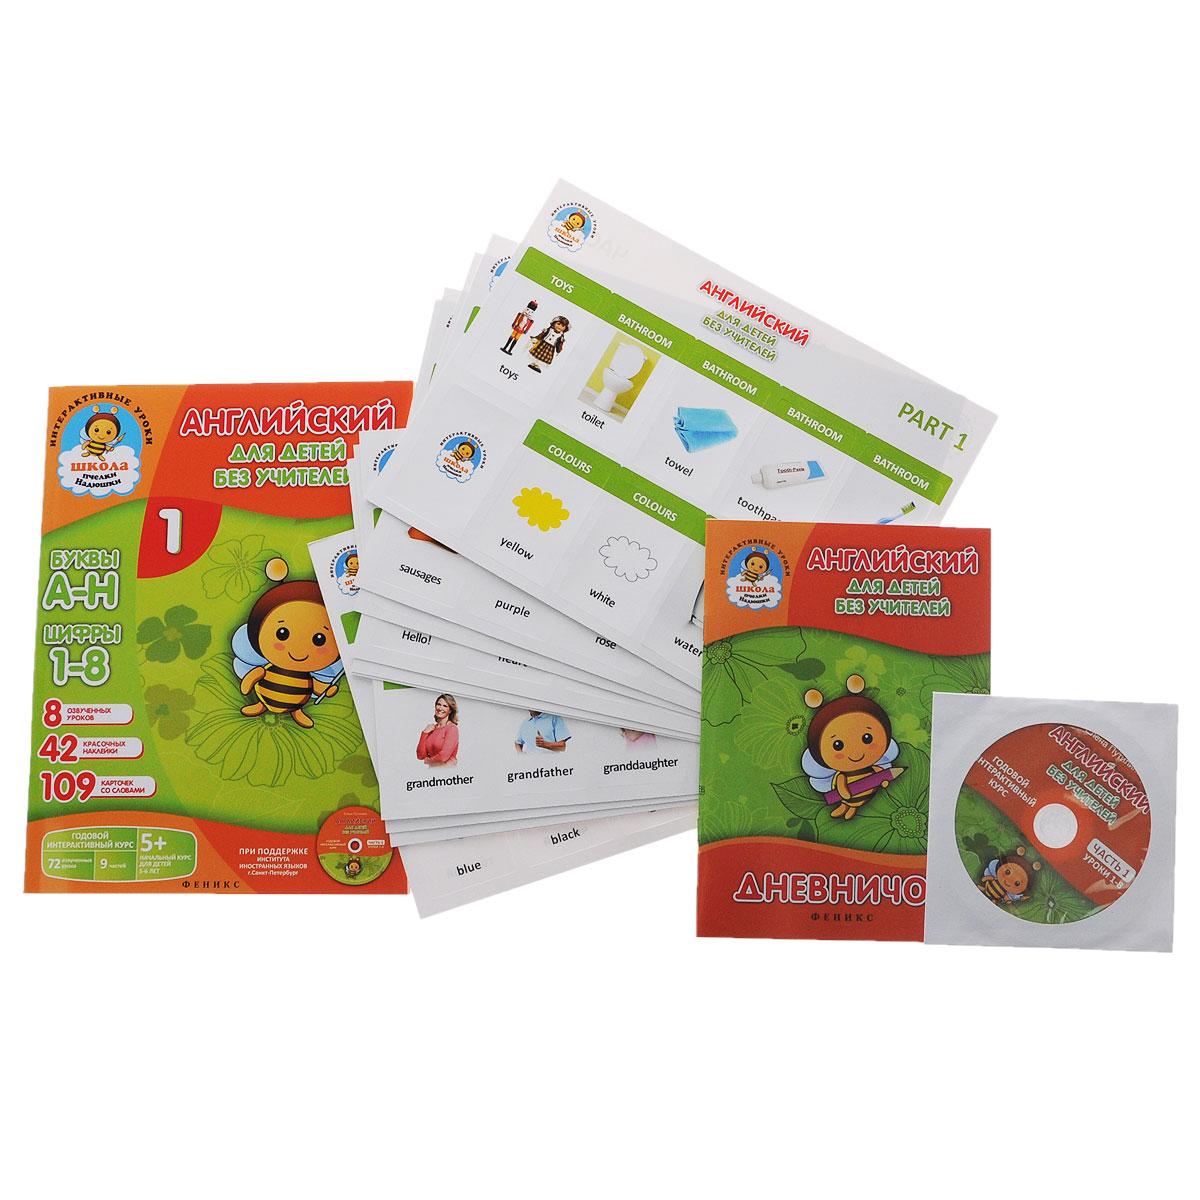 Елена Путилина Английский для детей без учителей. Годовой интерактивный курс. Часть 1 (+ CD)